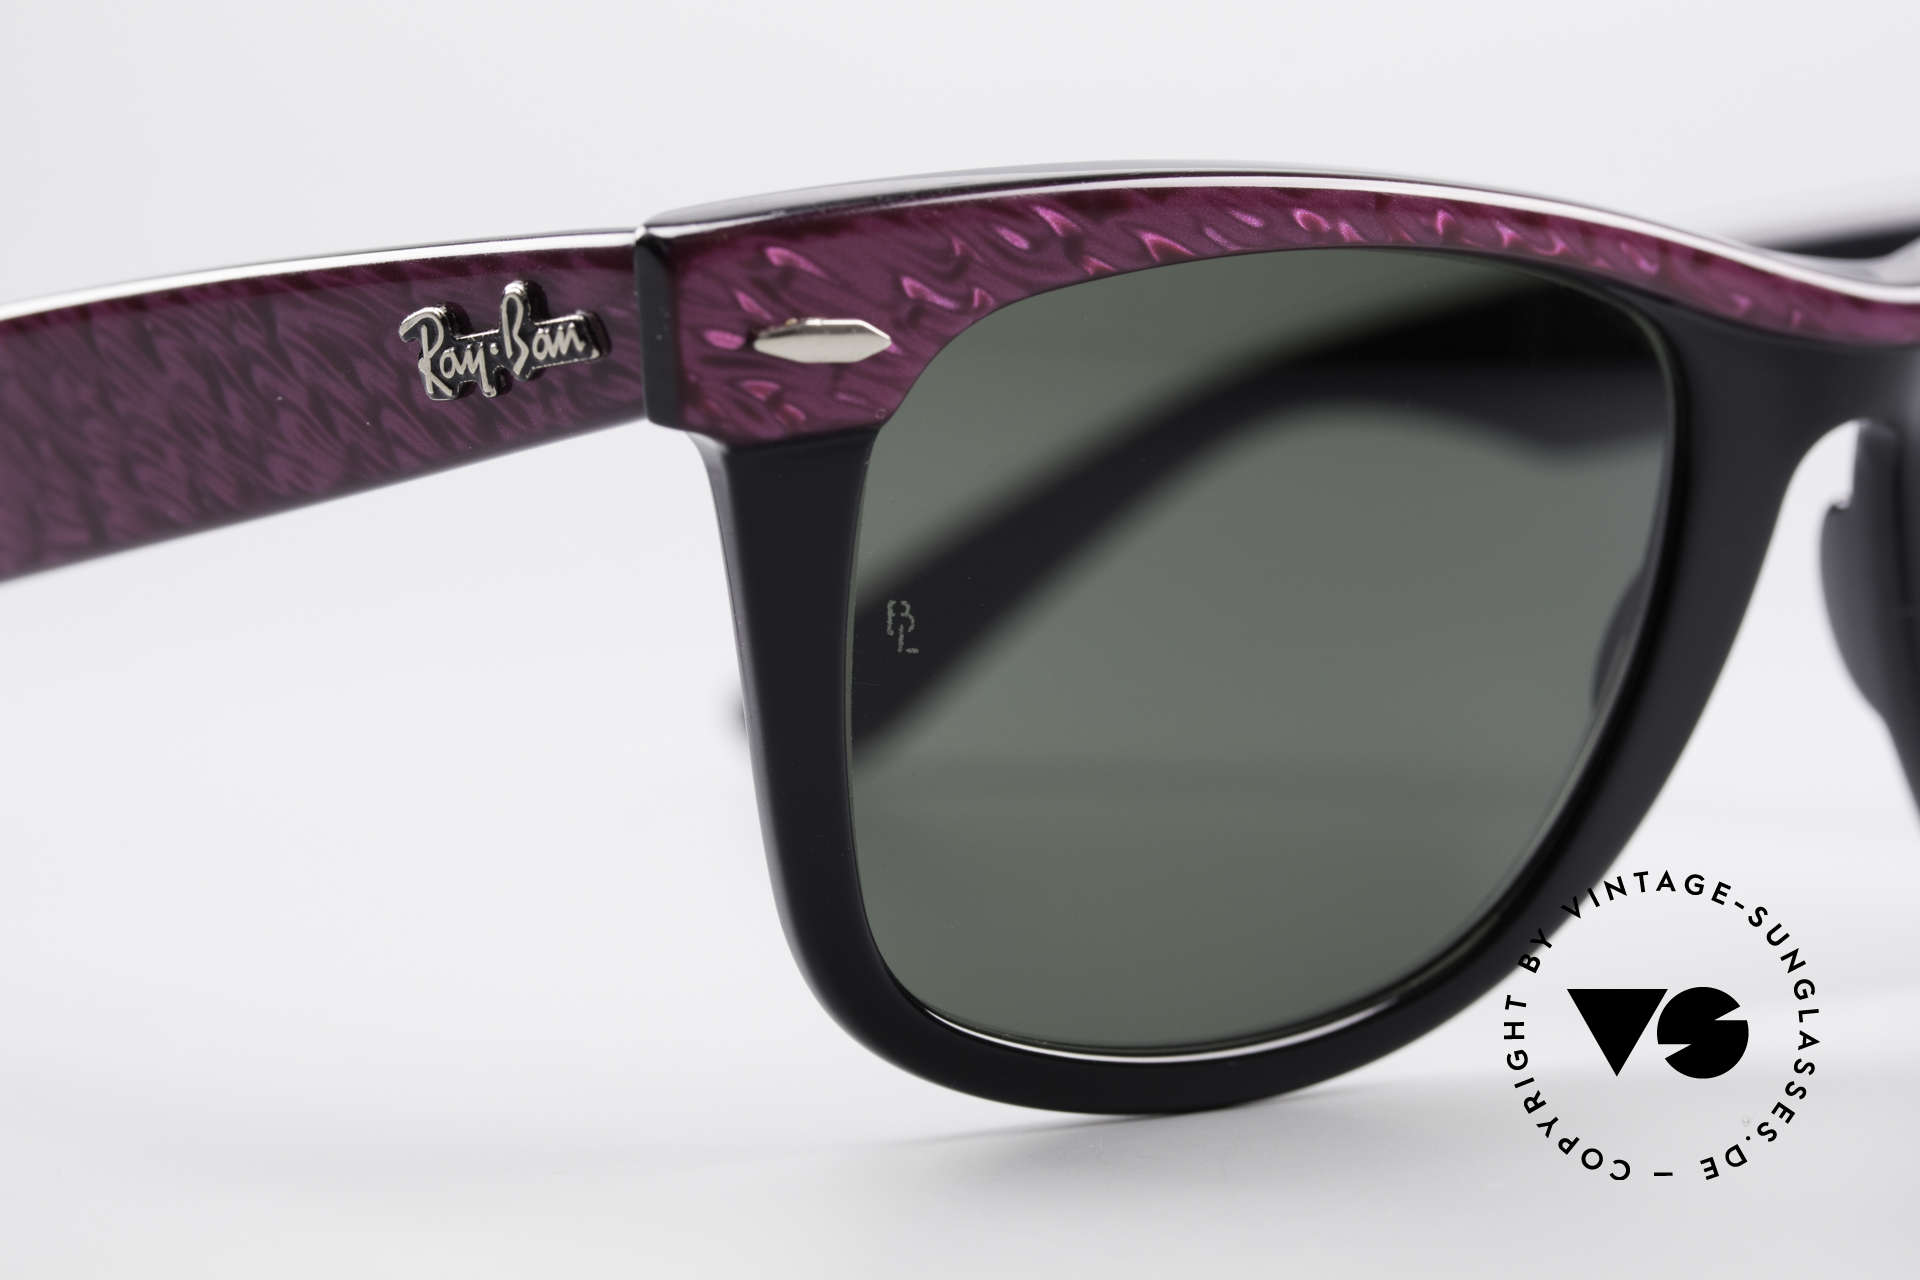 Ray Ban Wayfarer I 80er Sonnenbrille B&L USA, ungetragene Rarität; inzwischen ein Sammlerstück, Passend für Damen